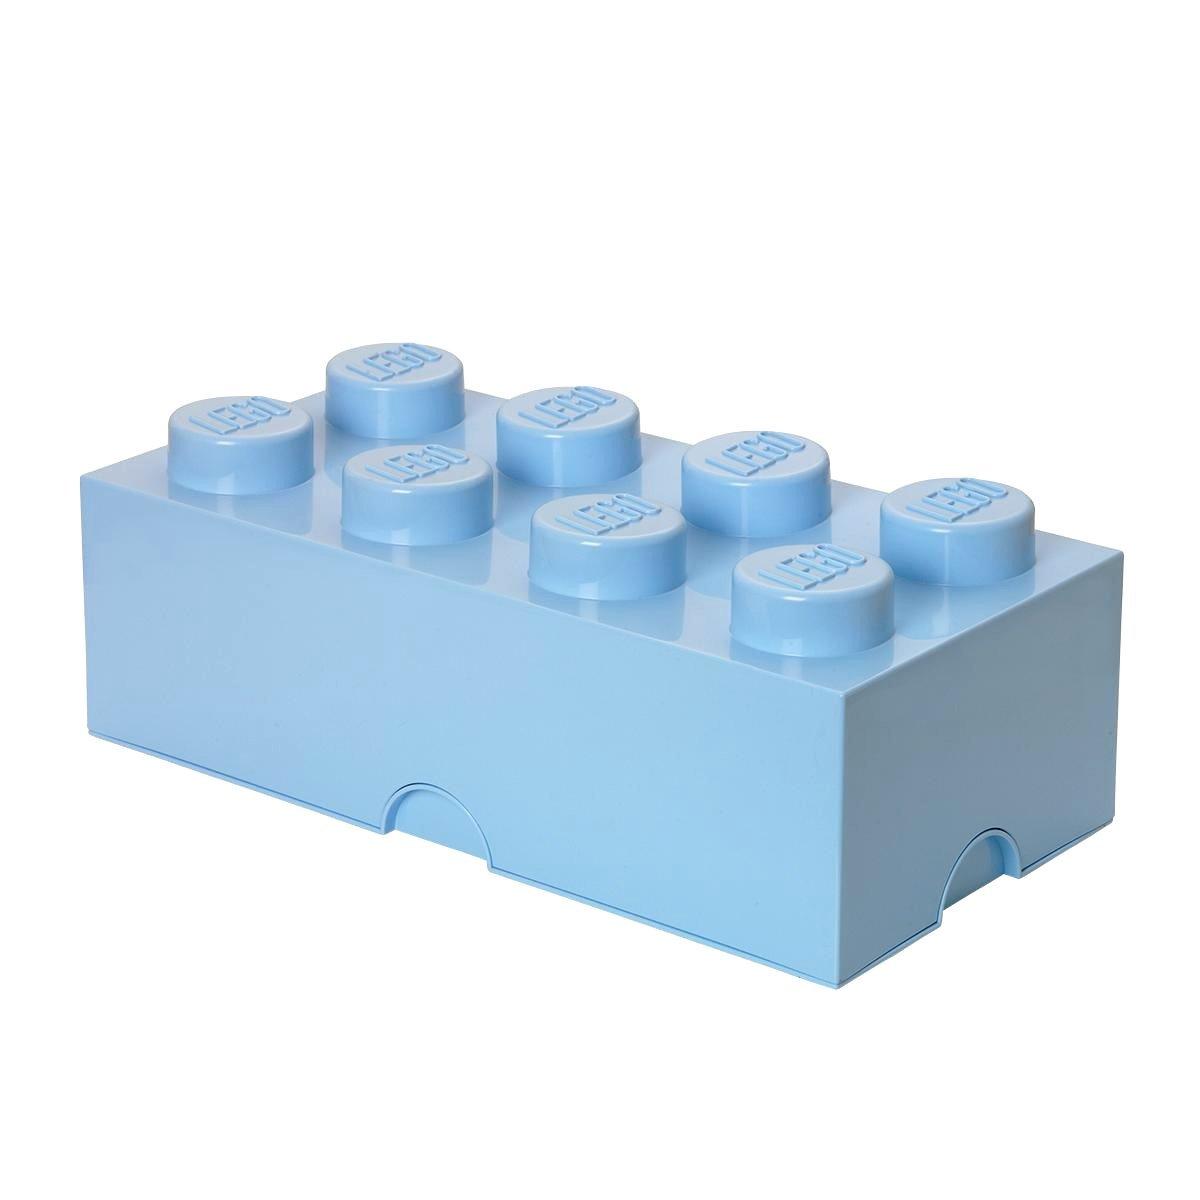 Lego opbevaringskasse 8 - lyseblå, +10 stk. på lager fra Lego fra pixizoo